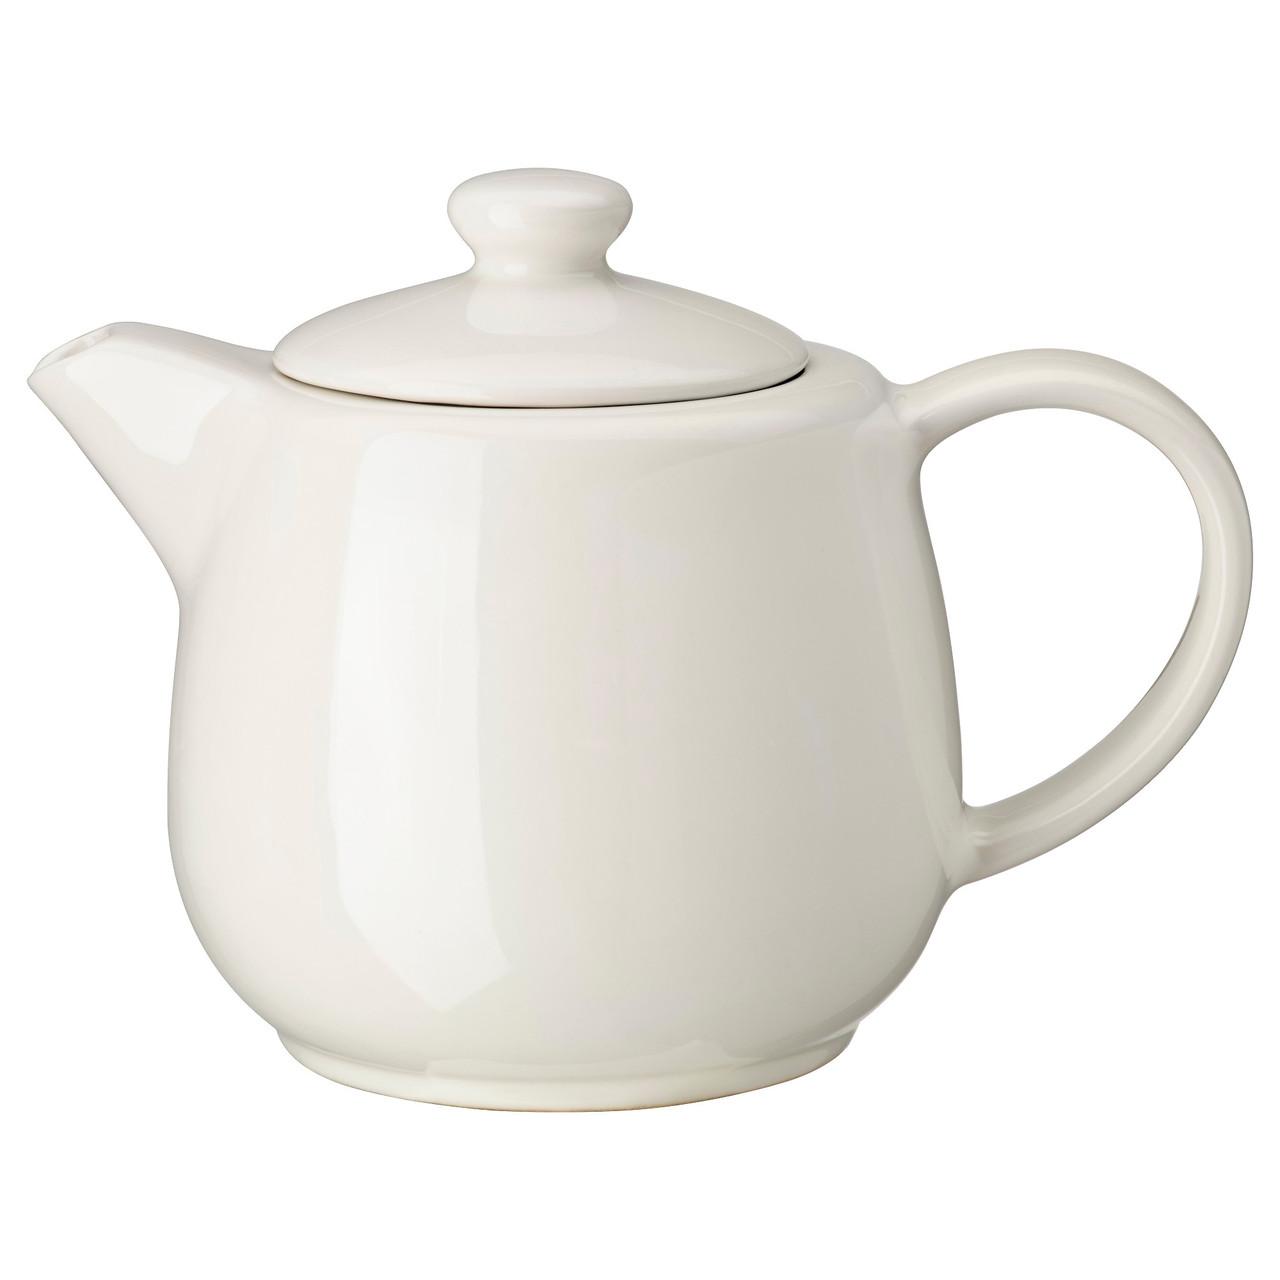 VARDAGEN Чайник, кремовый 402.893.44